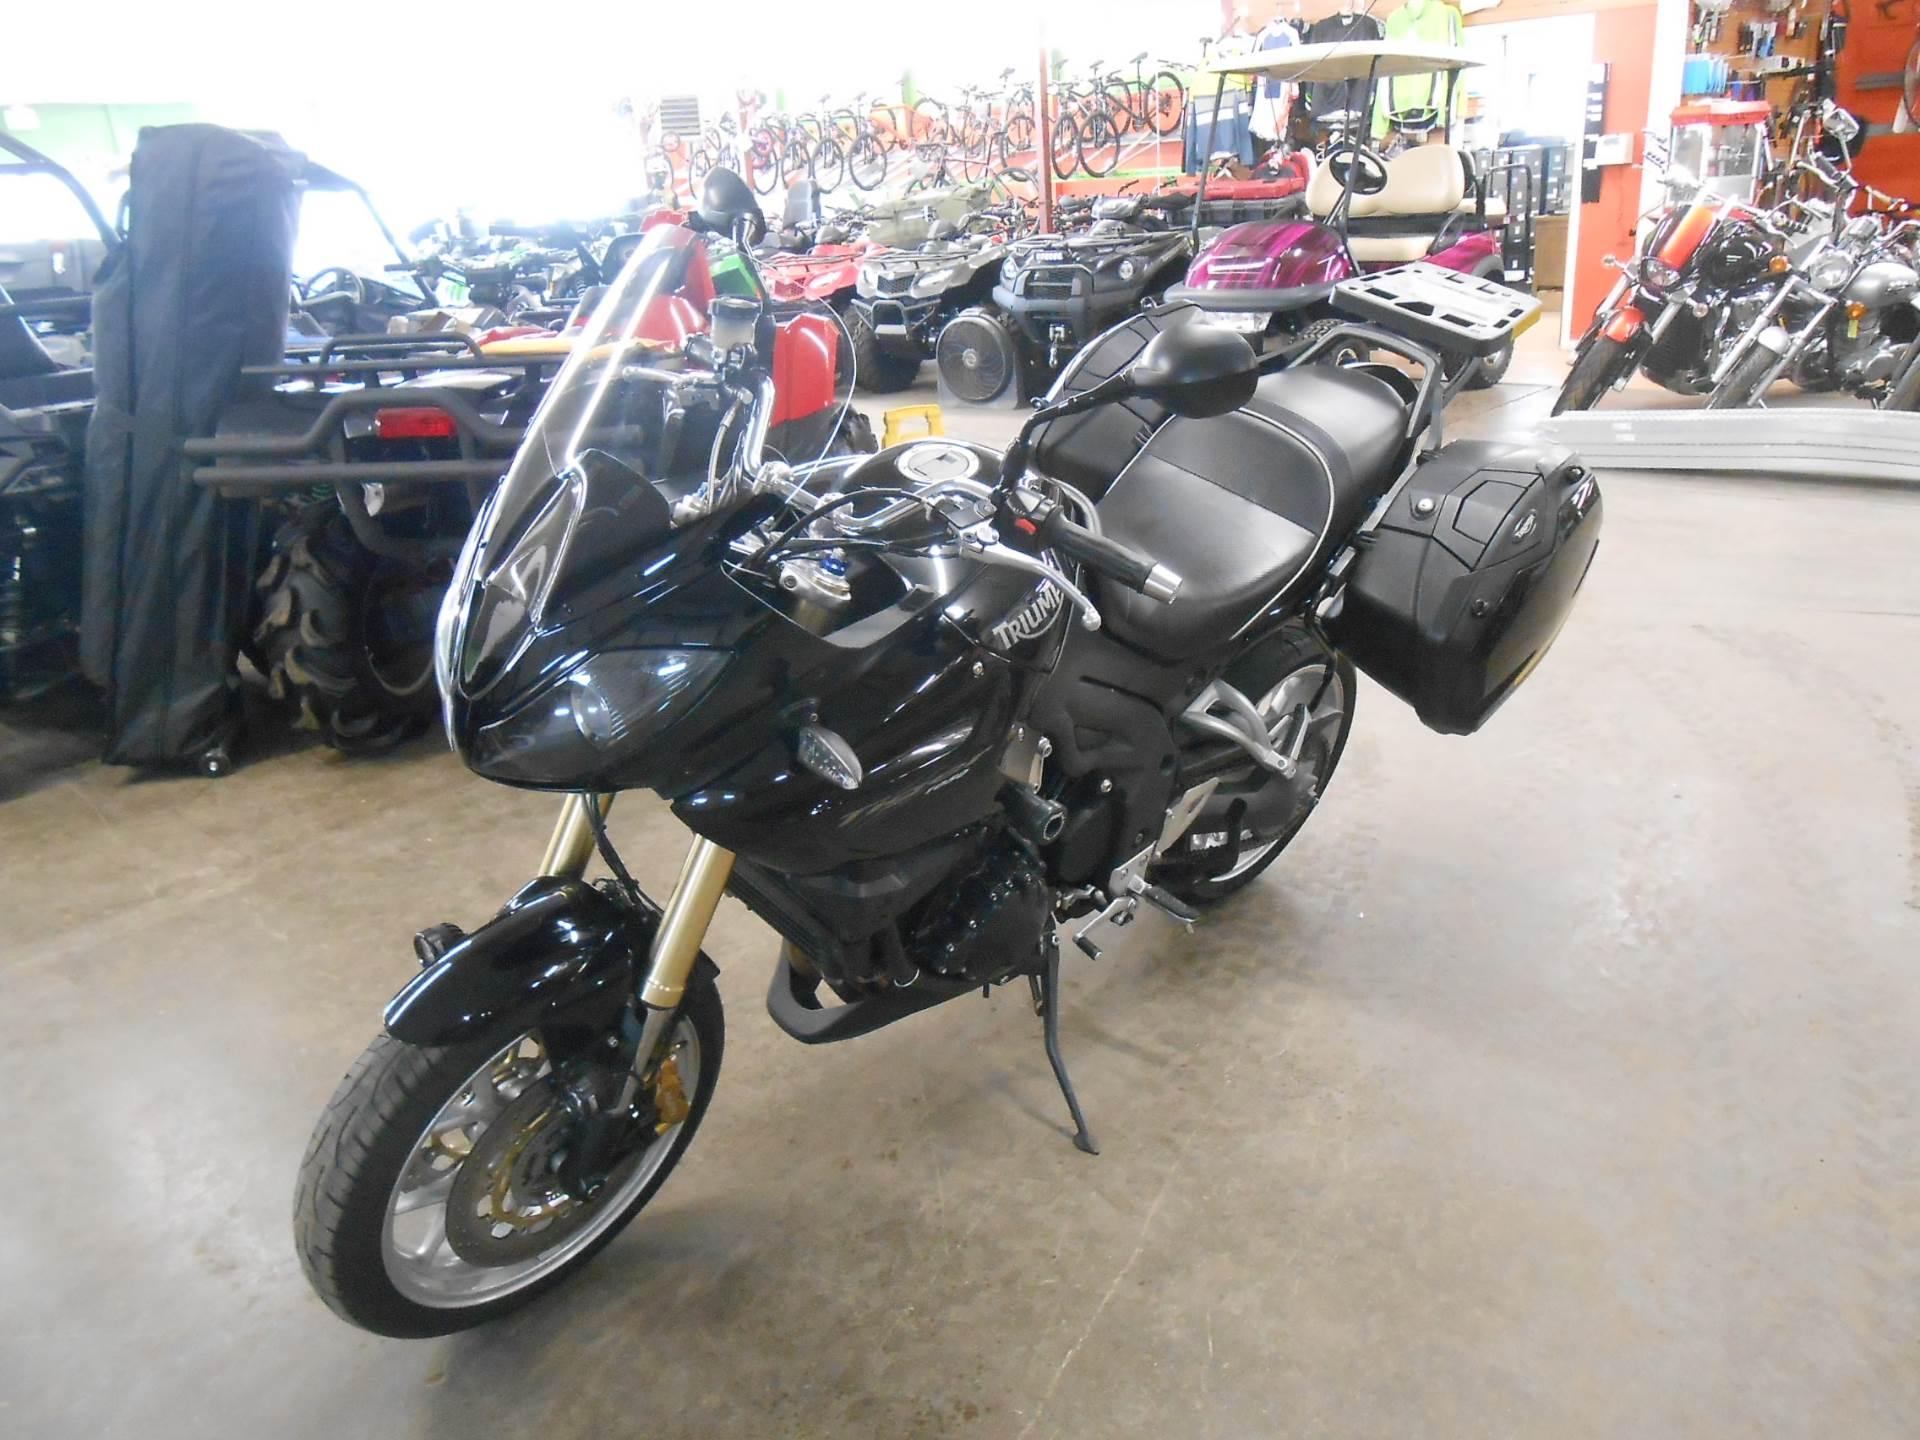 2007 Tiger 1050